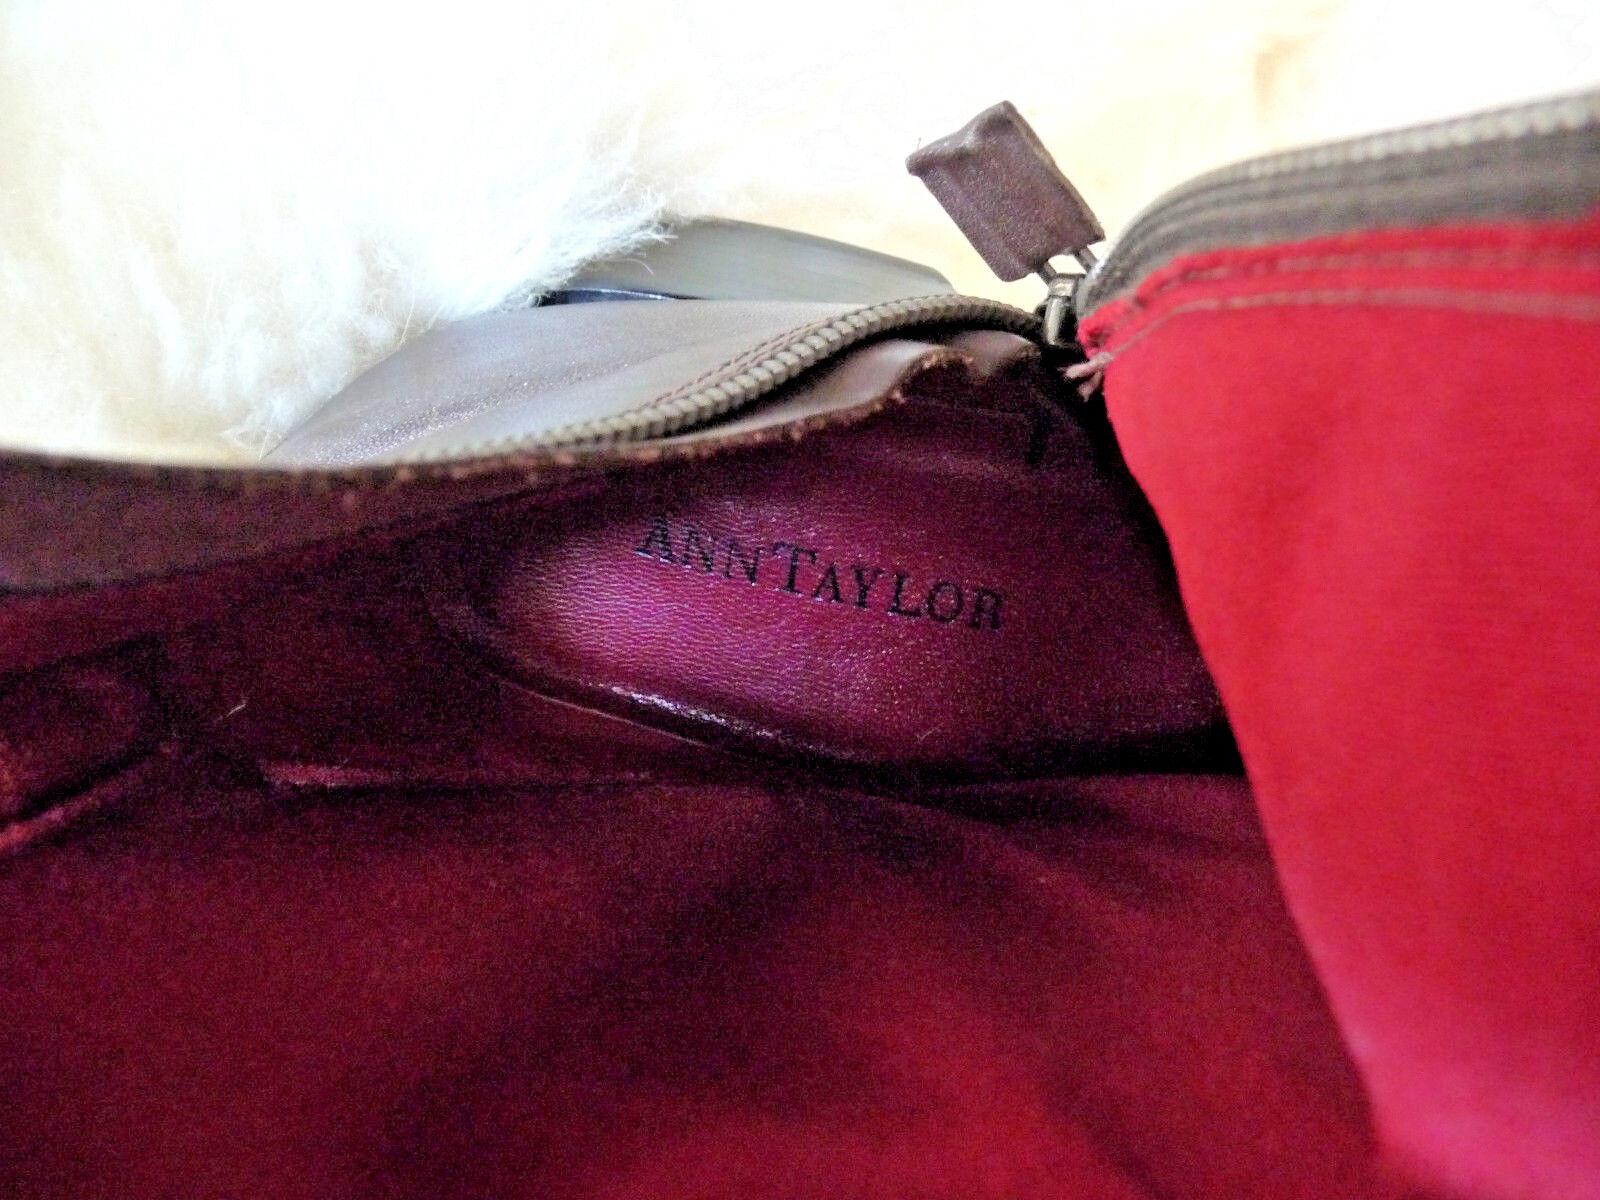 Ann Stiefel Taylor Leder Knee High Riding/Walking Stiefel Ann ff7431